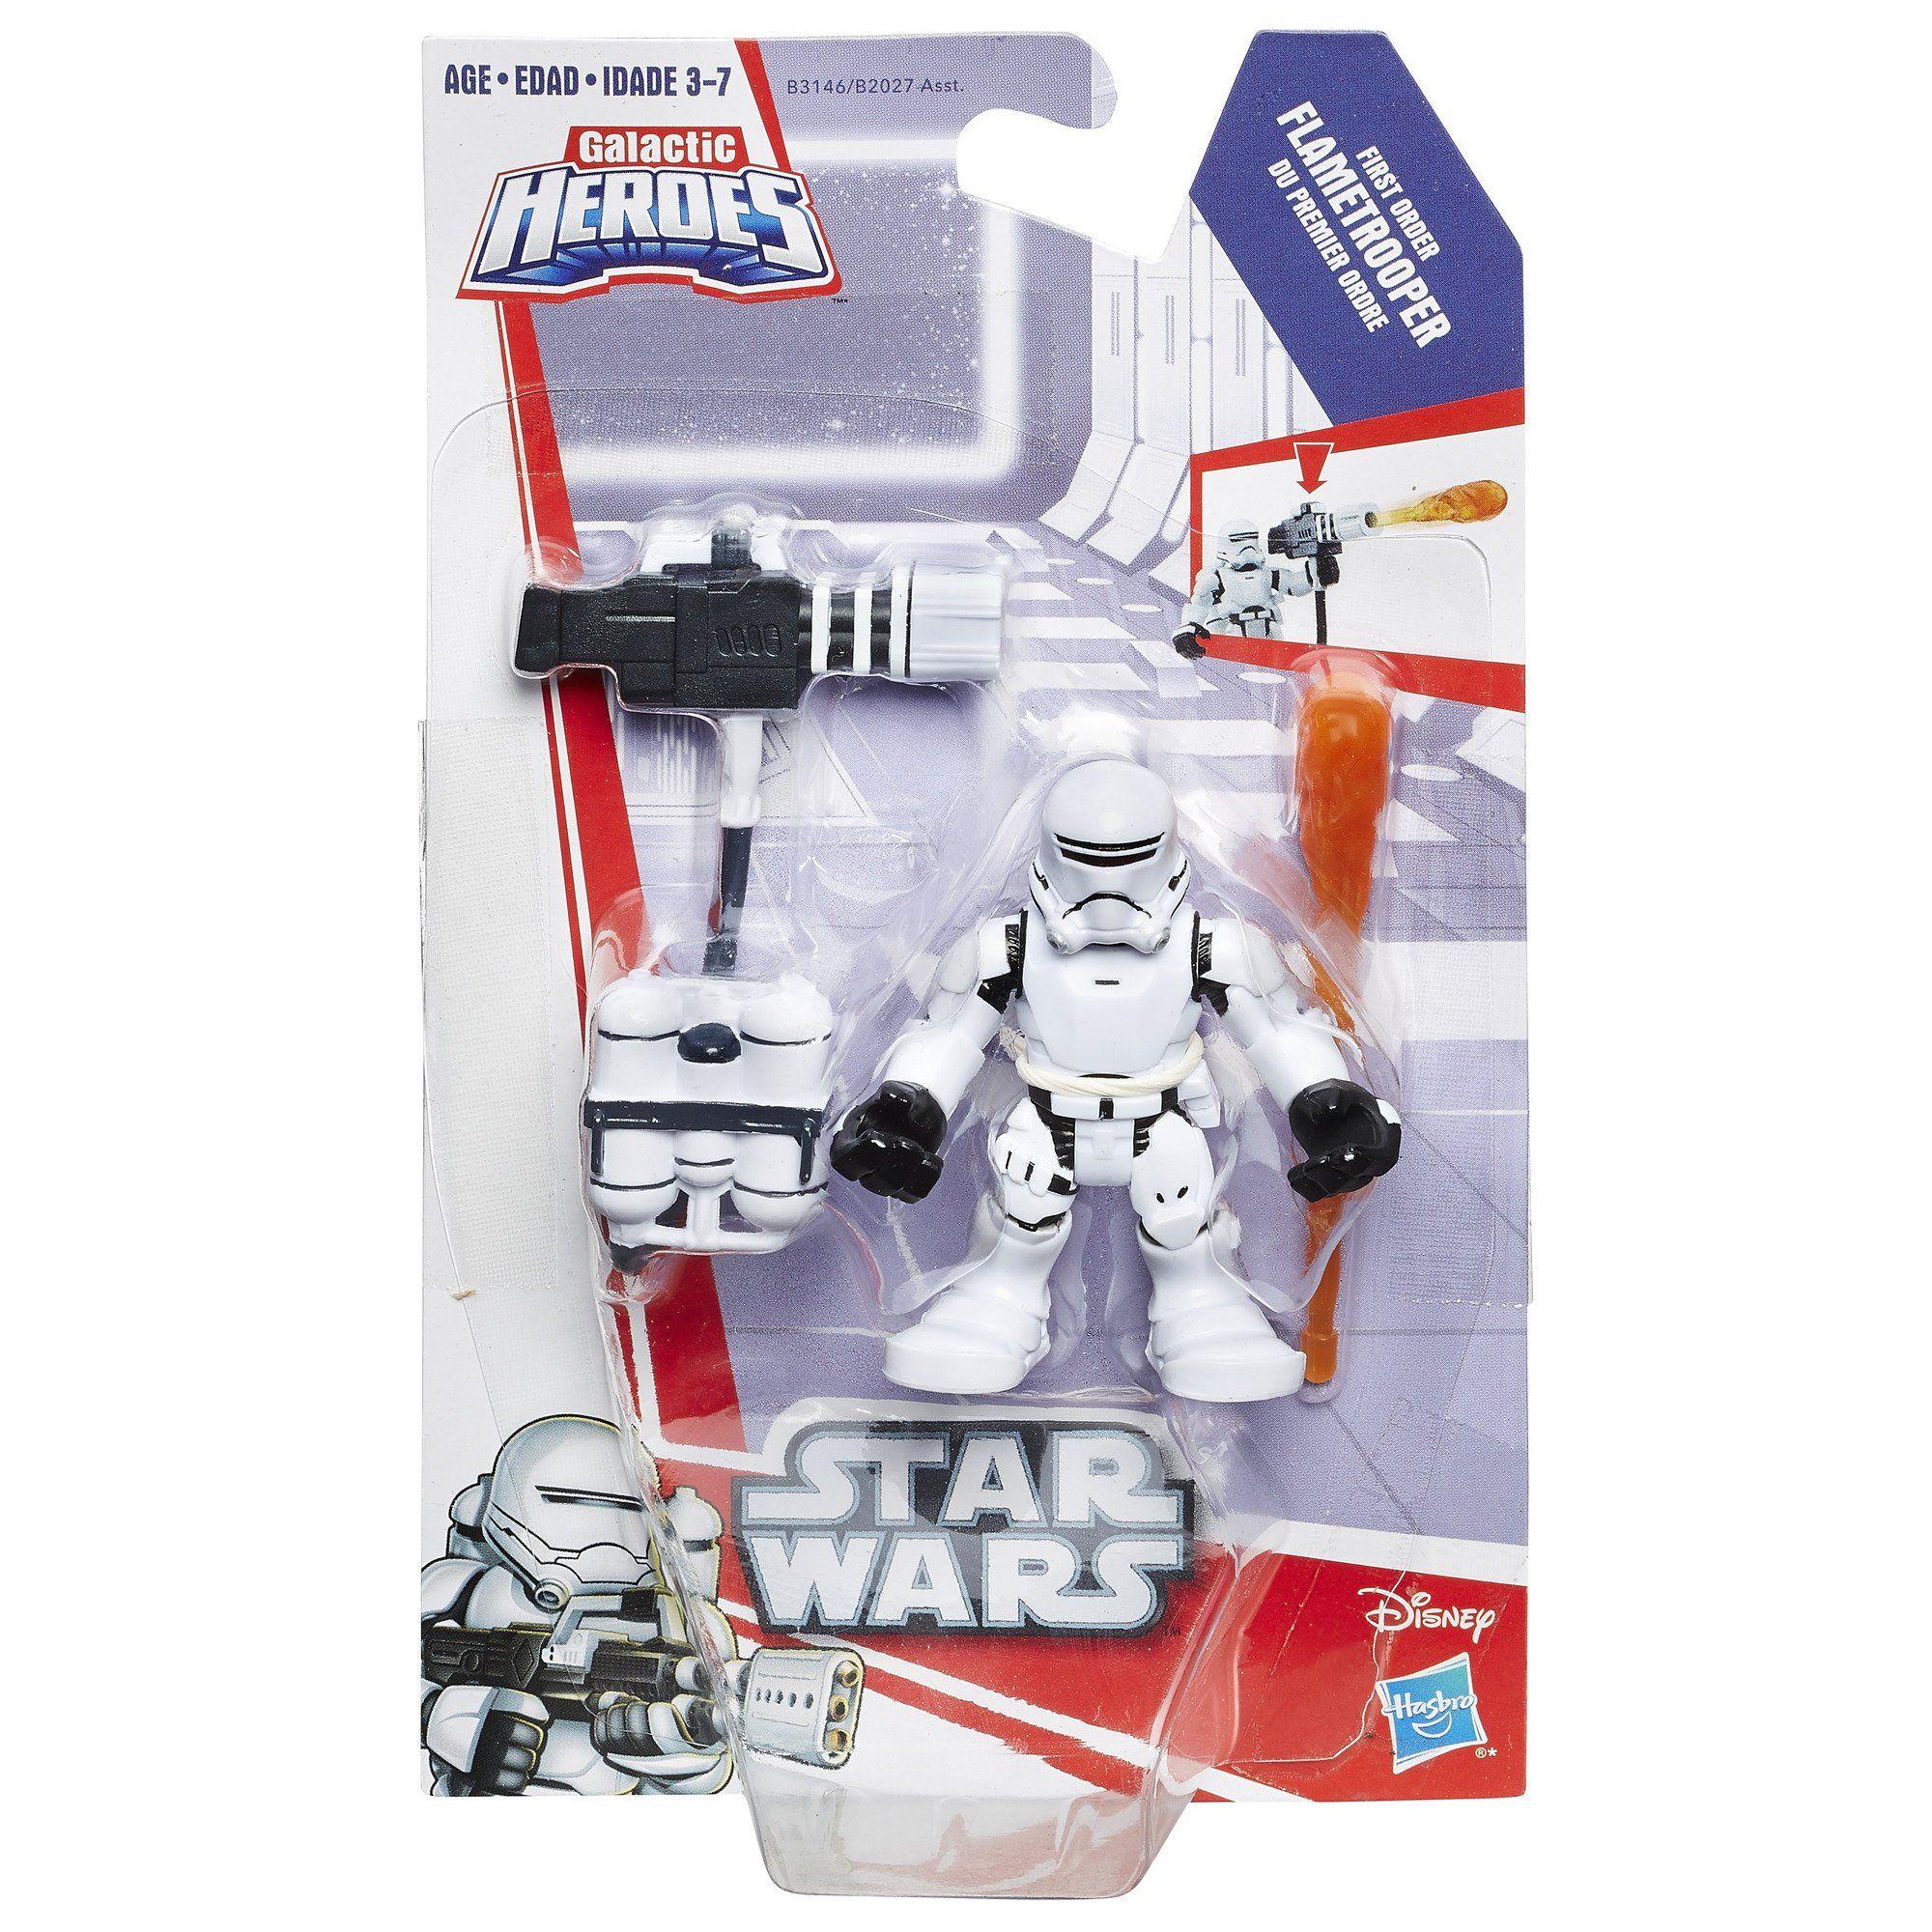 Star Wars Playskool Galactic Heroes First Order FLAMETROOPER New